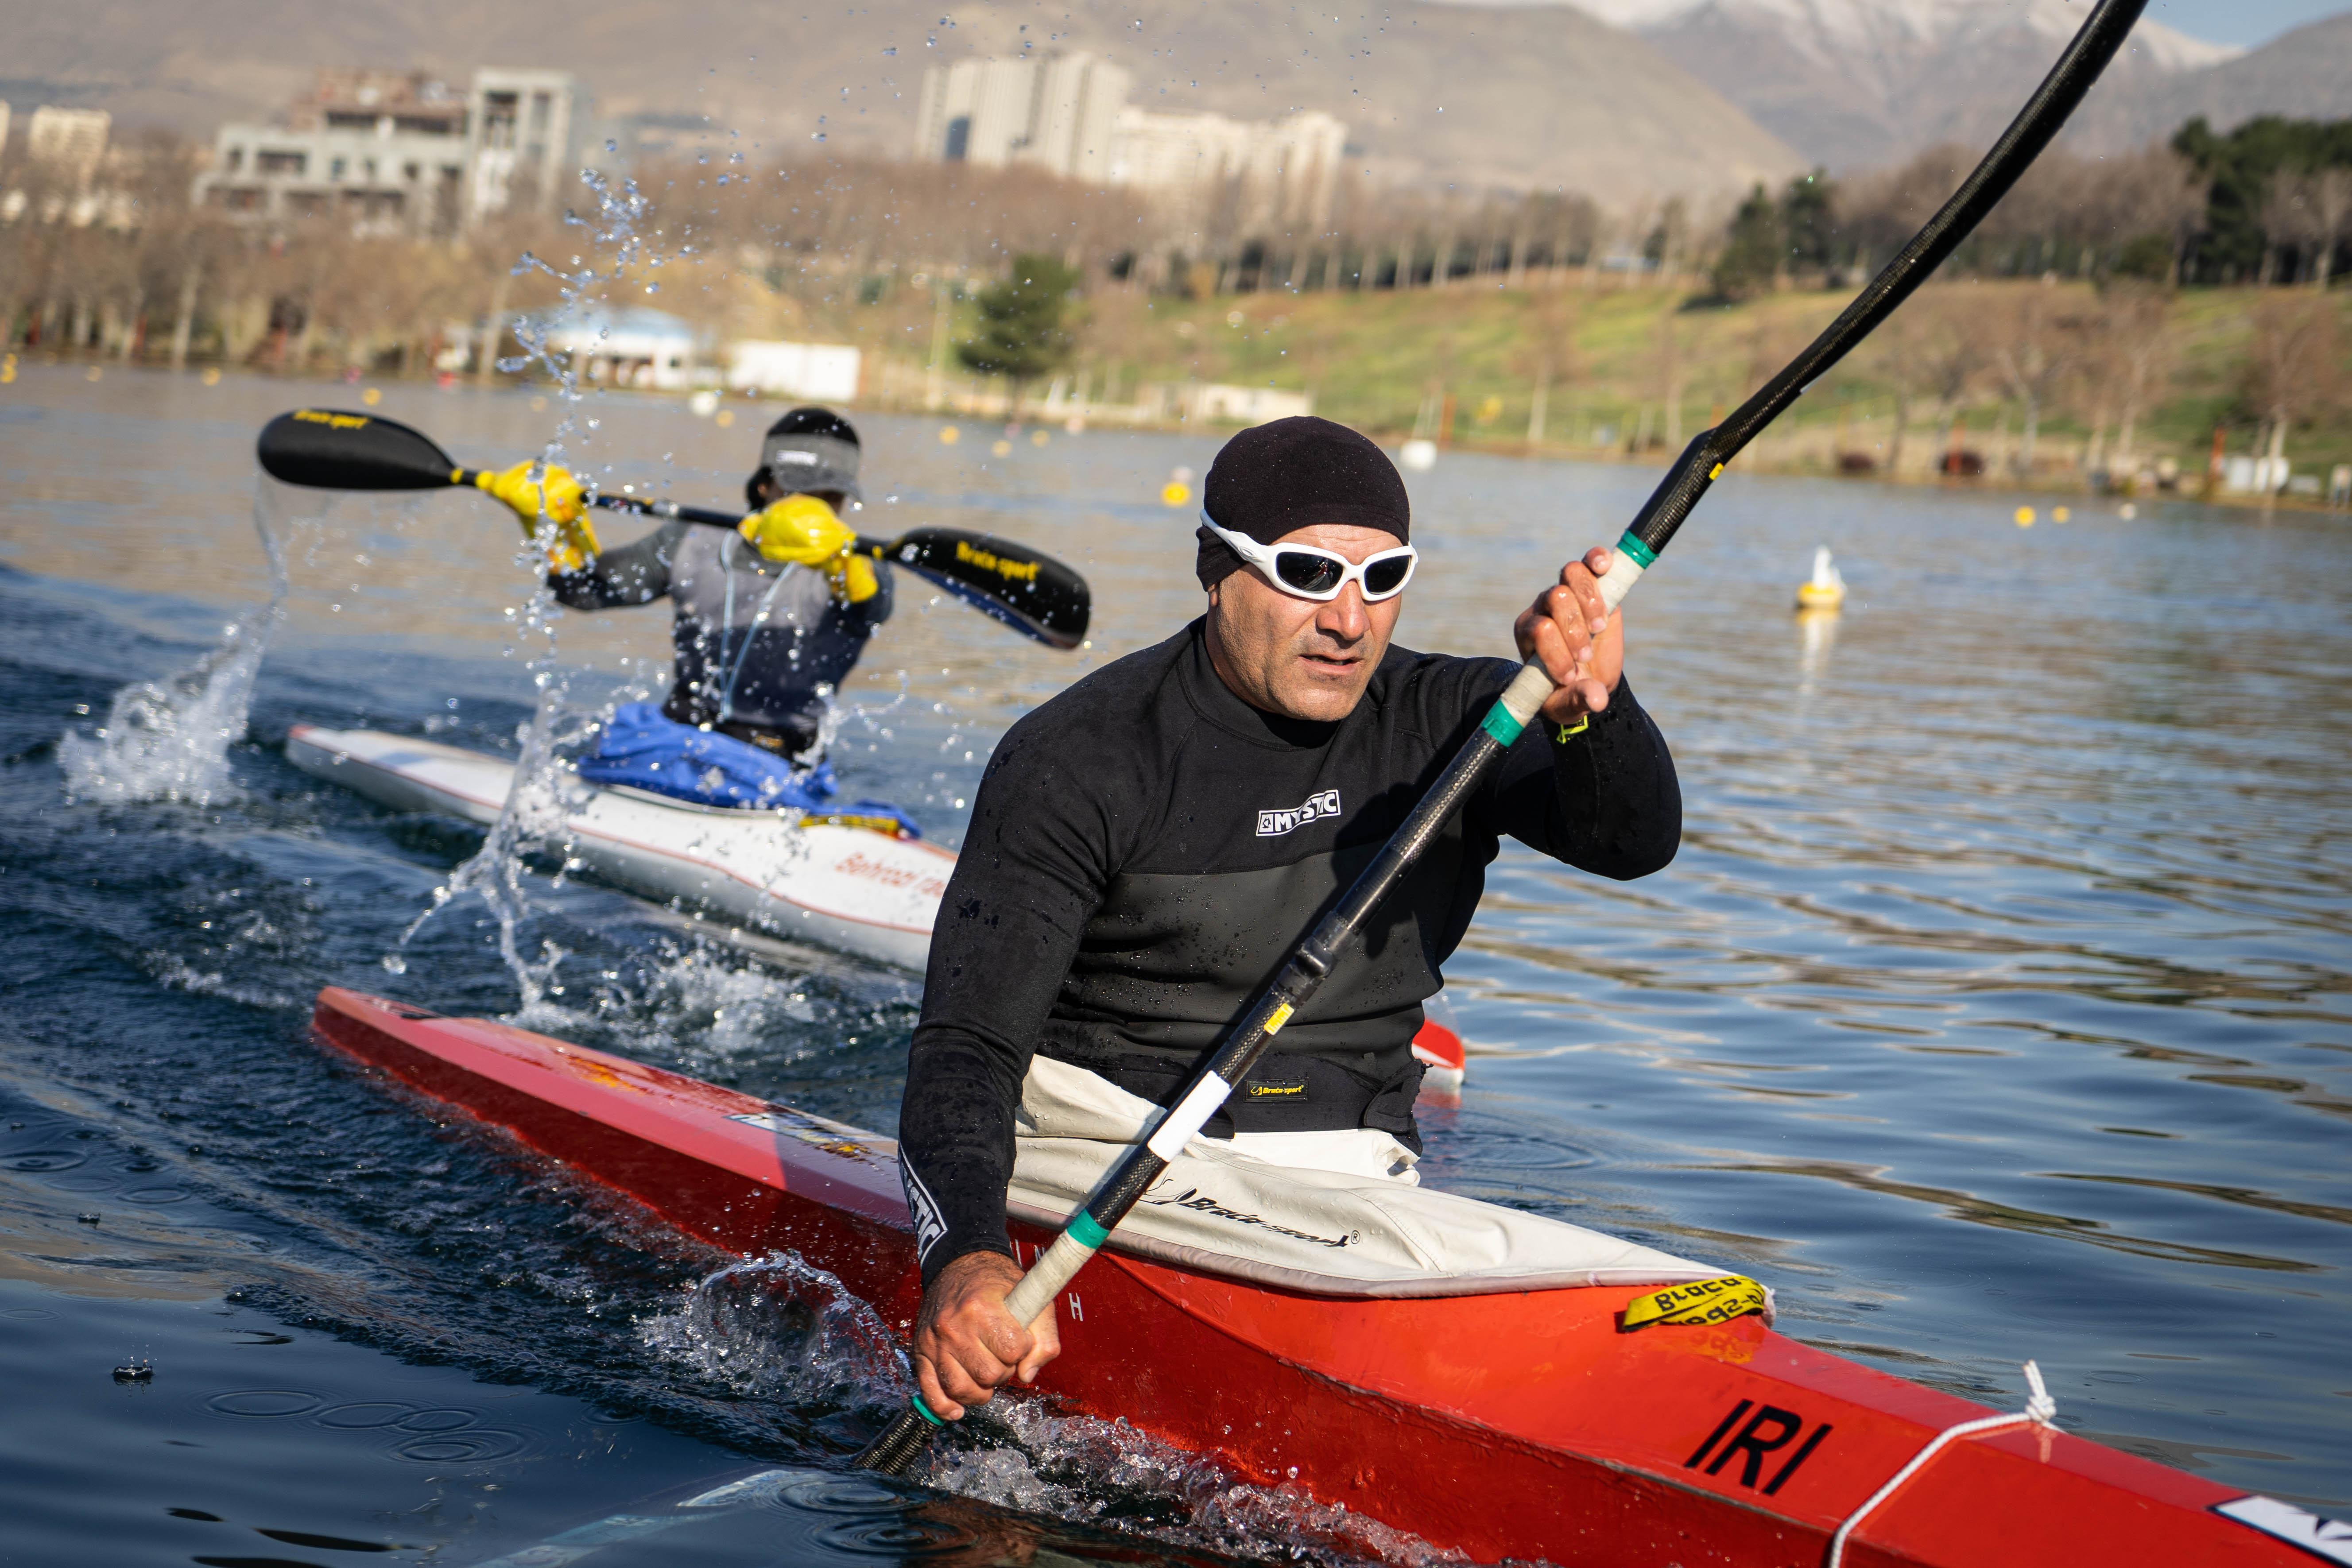 تیم ملی پاراکانو با 7 قایقران در دریاچه آزادی اردو می زند